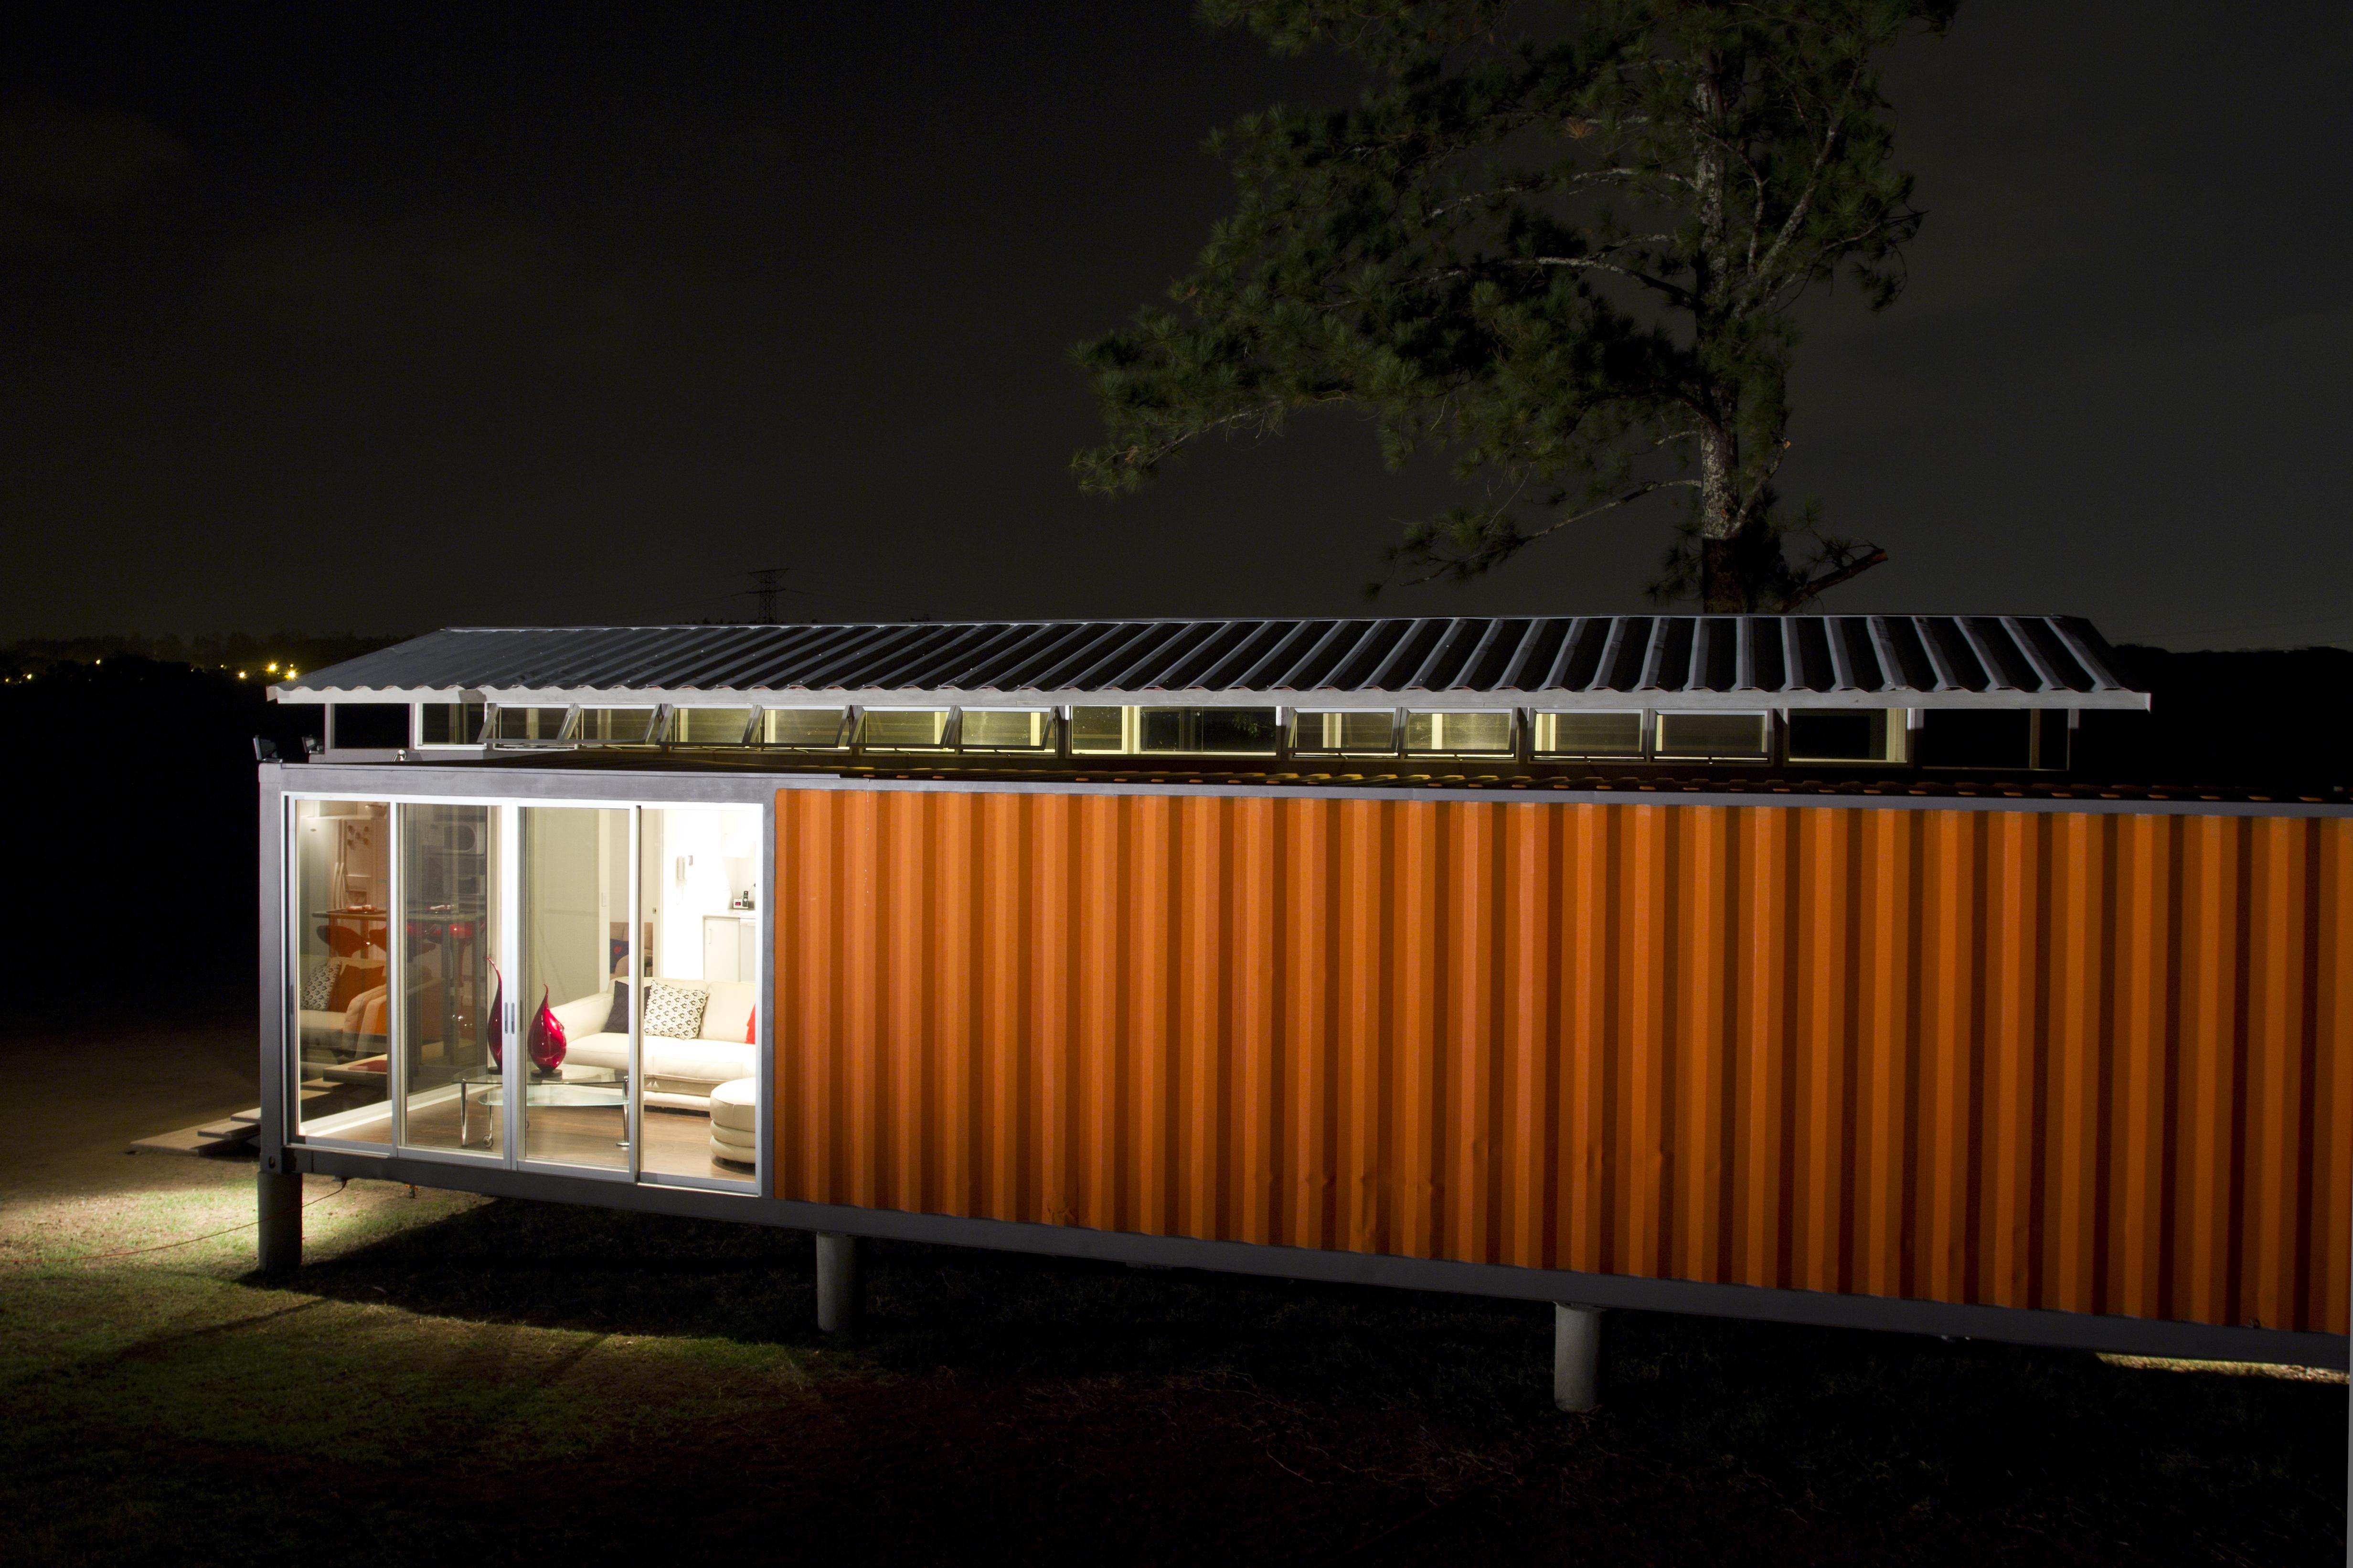 Exterior facade of a Costa Rica shipping container home